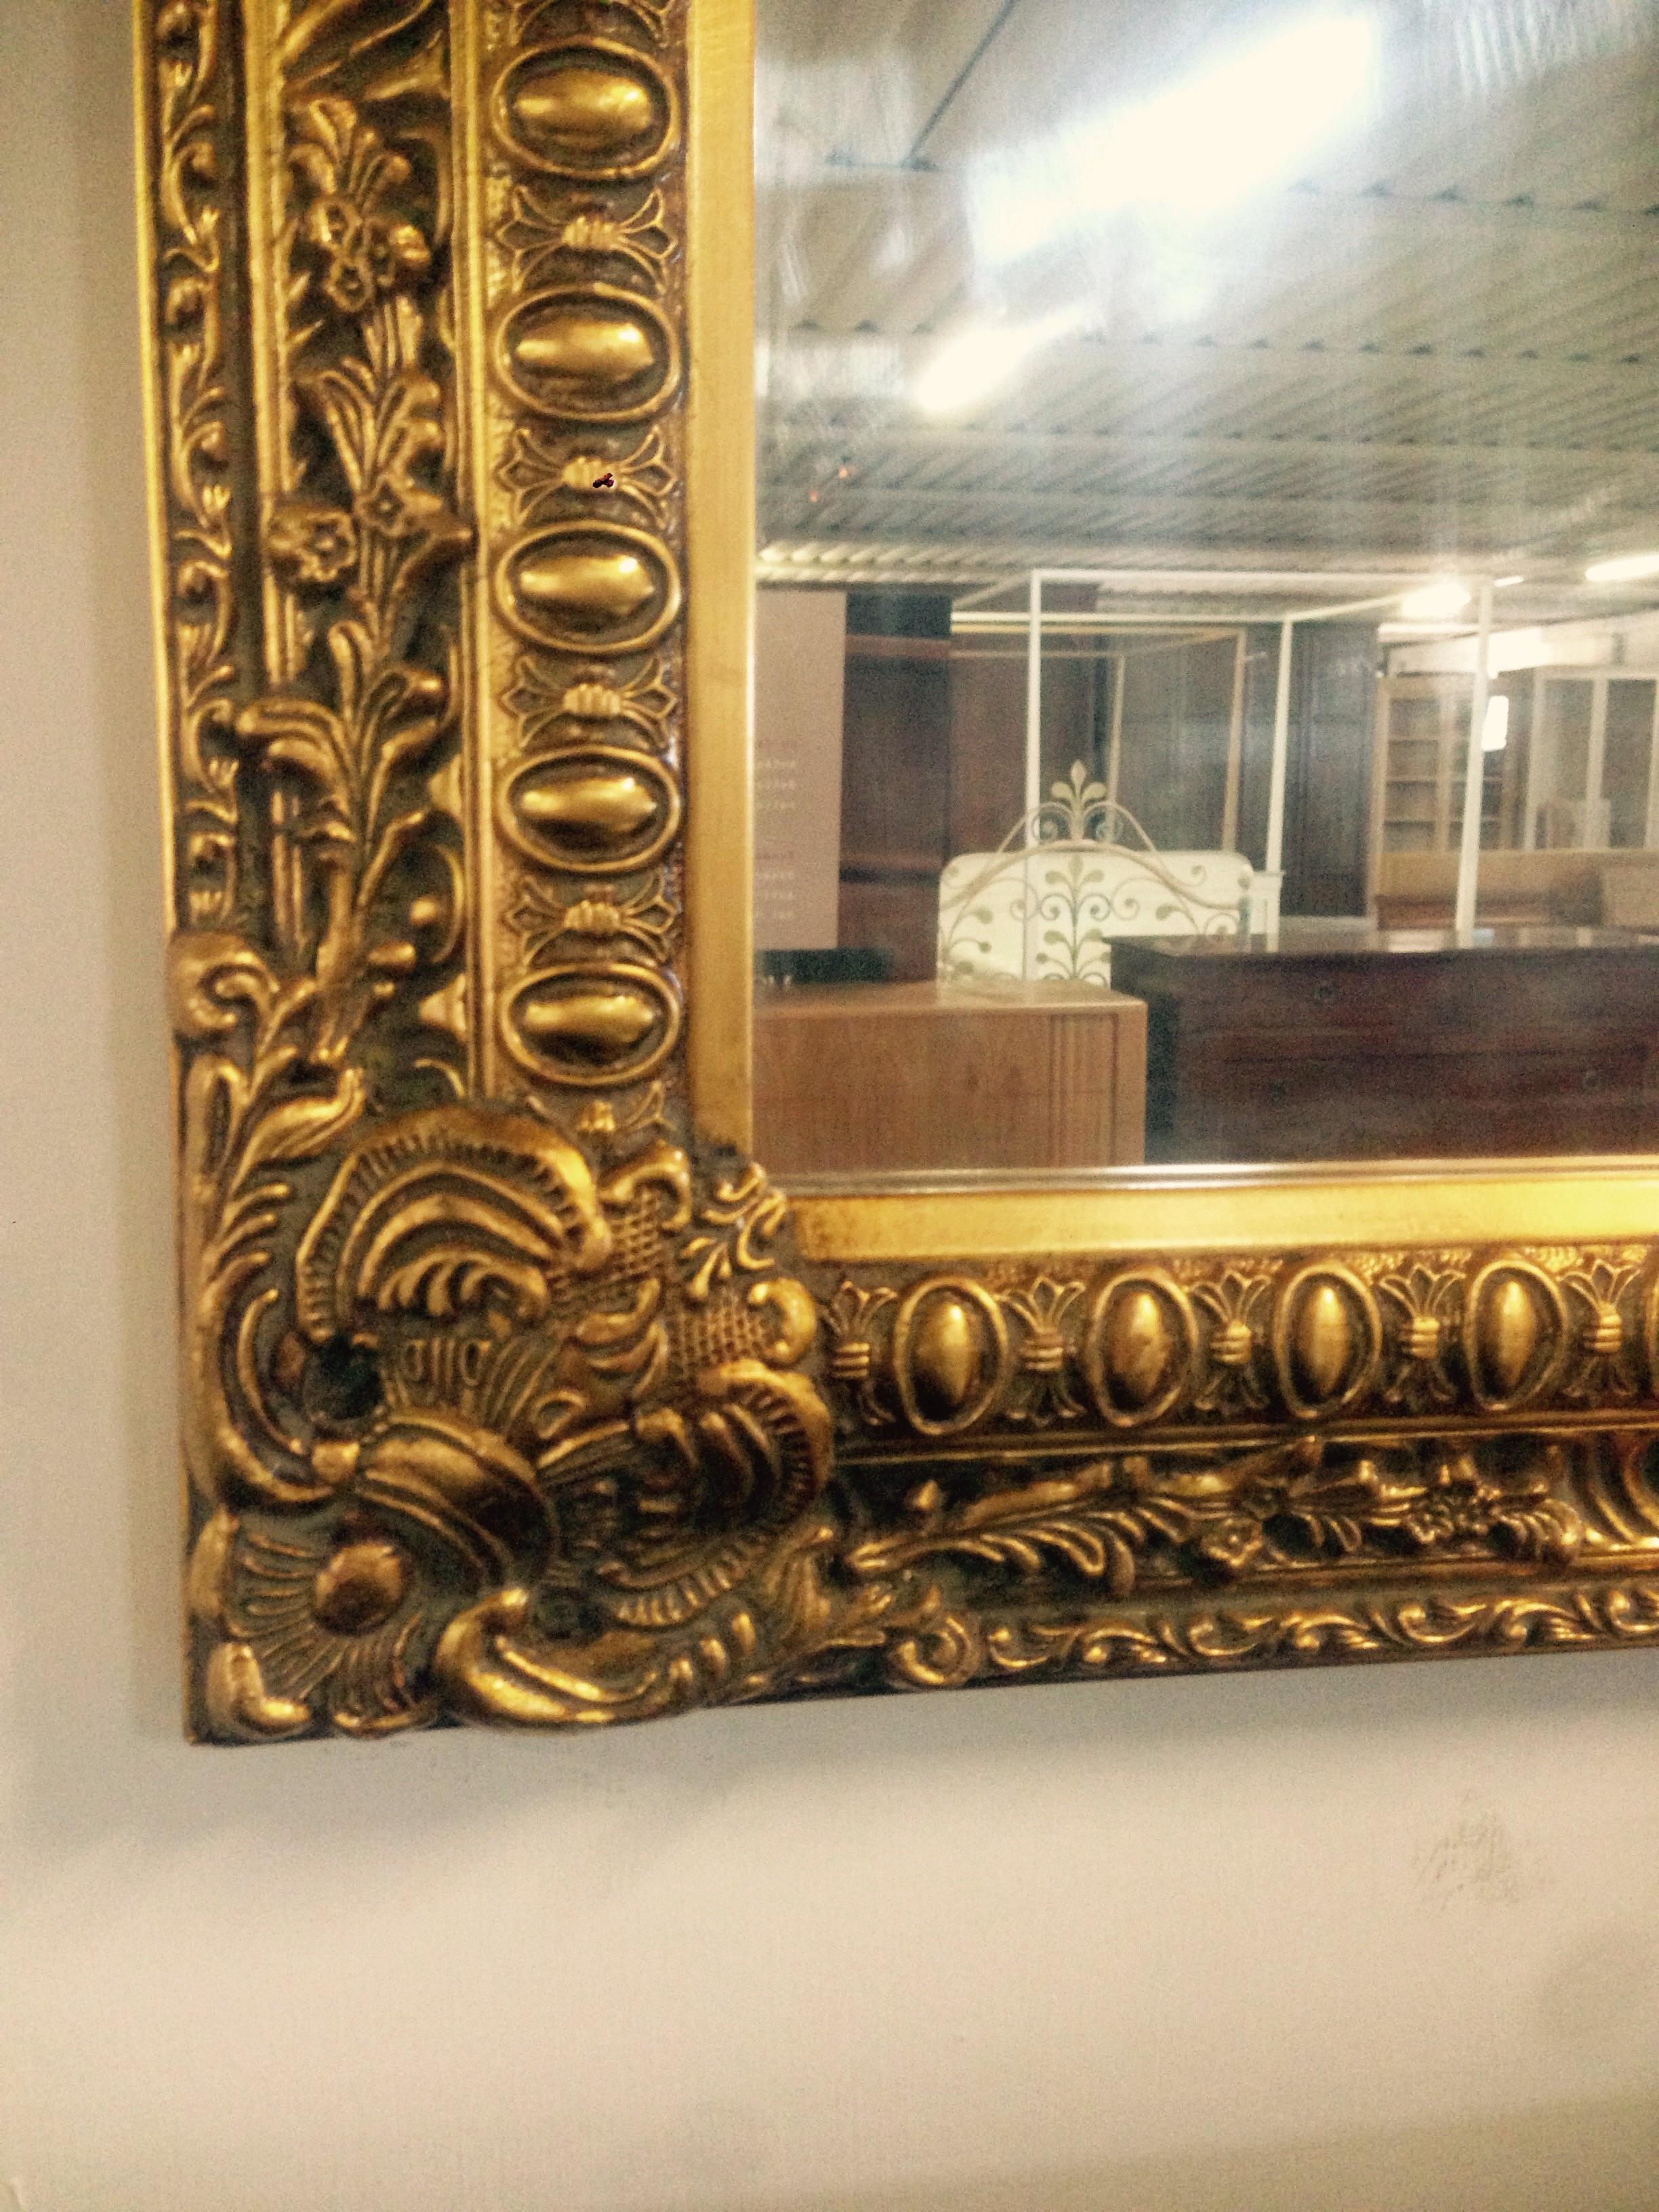 Morelato high class outlet specchio dorato - Specchio dorato antico ...